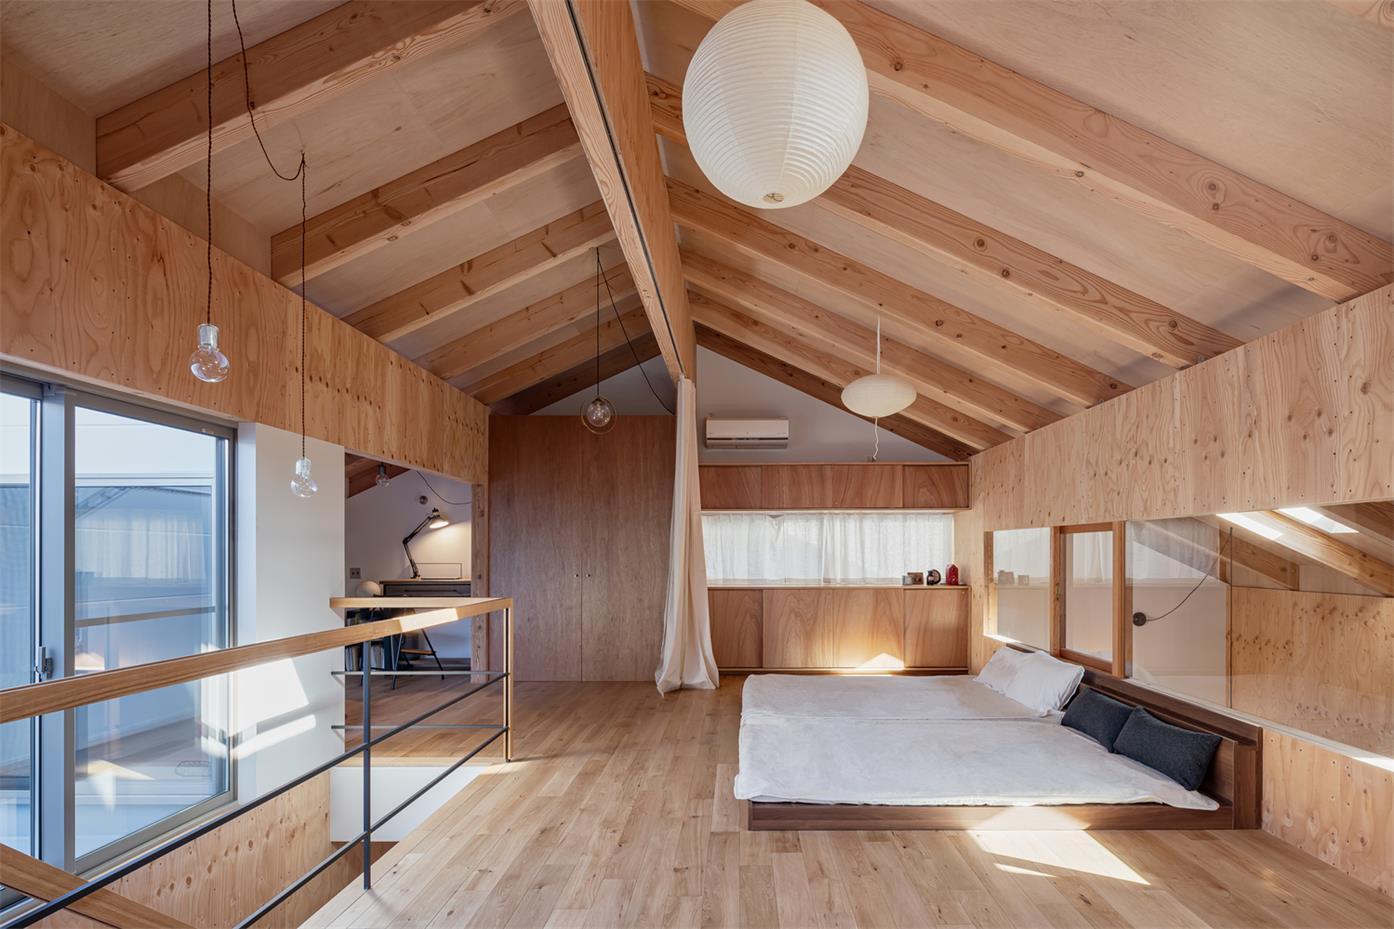 住宅二层设计概览